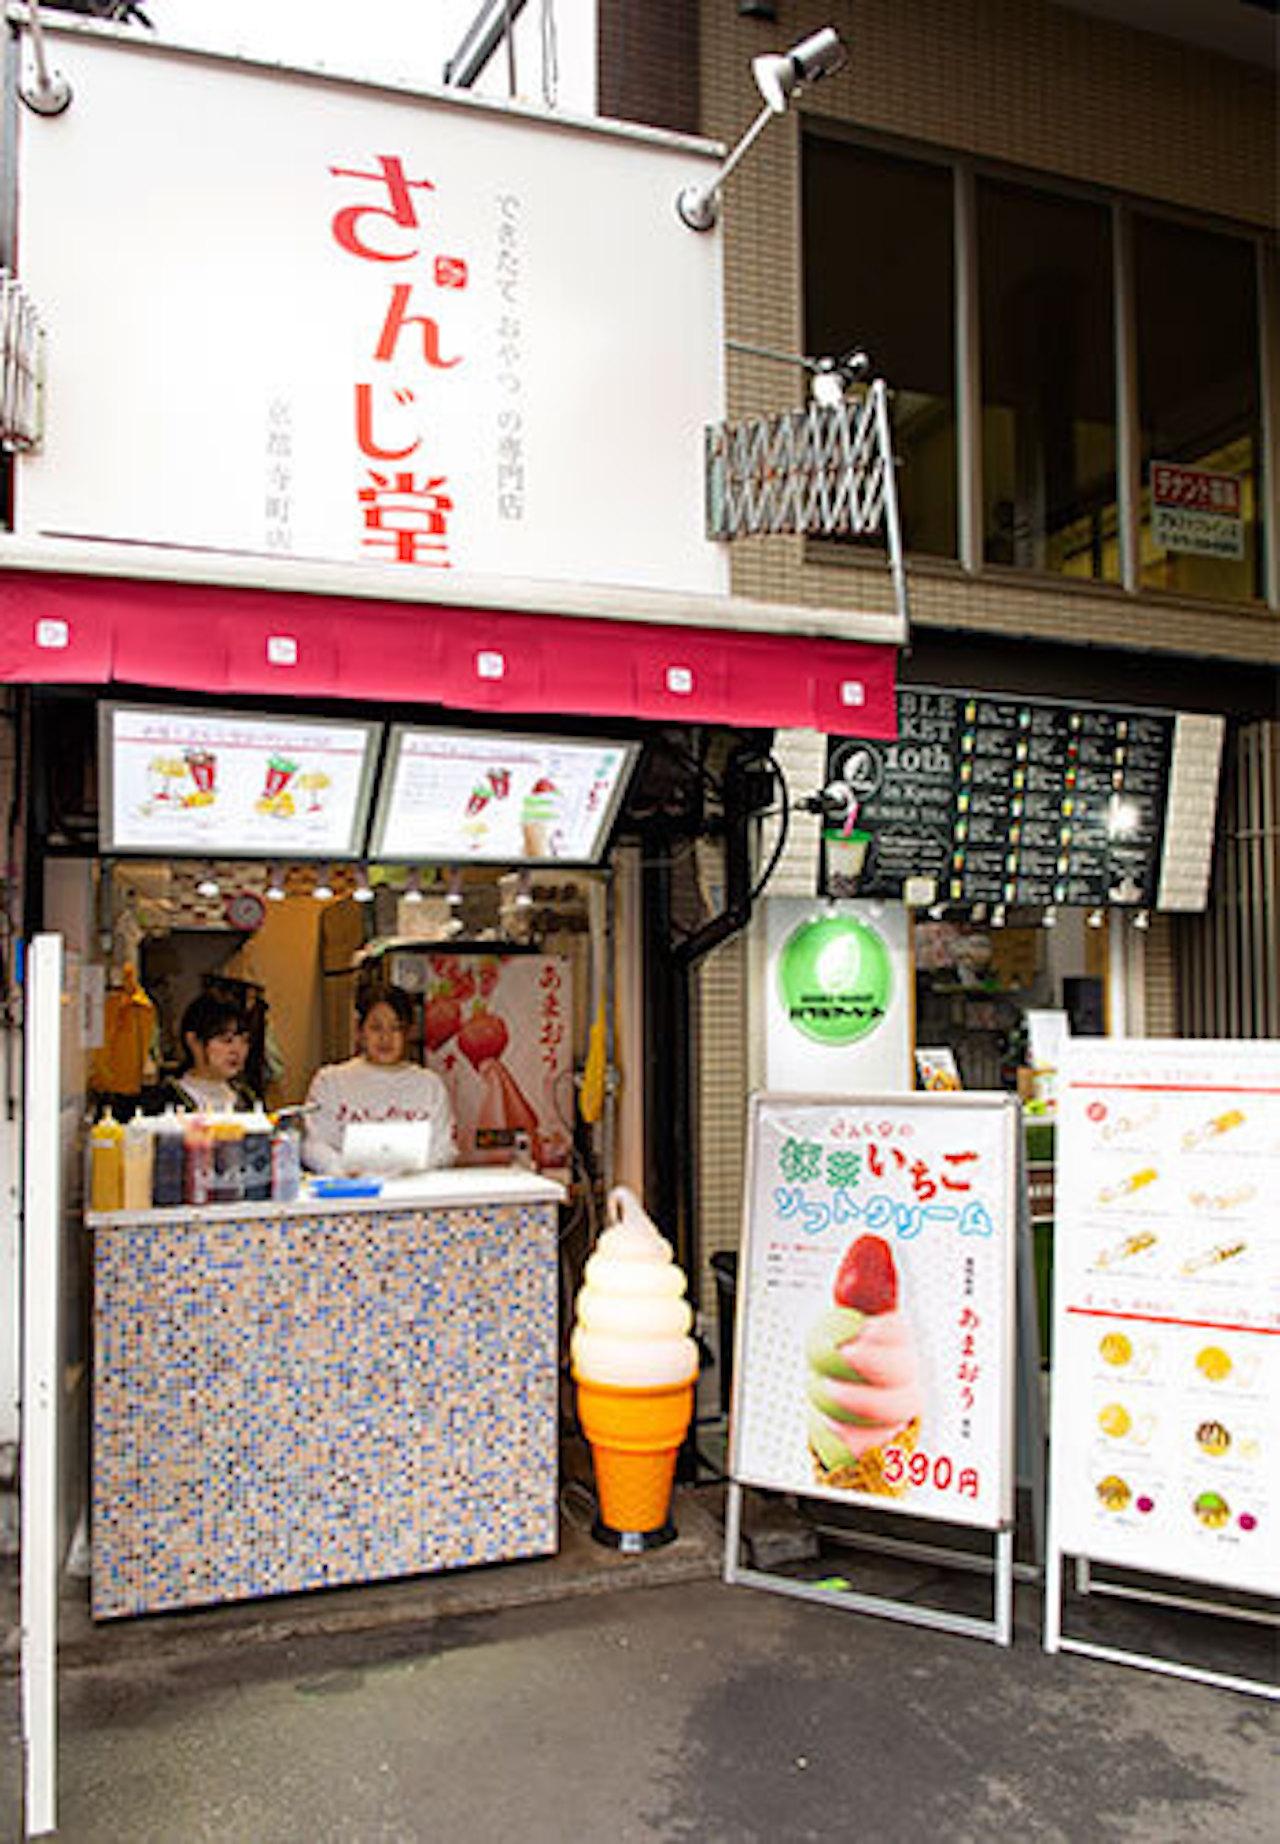 お店があるのは寺町通と新京極通の間。シェア出来るセットメニューも人気。チーズボール&ポテトフライ&ドリンク650円ほか